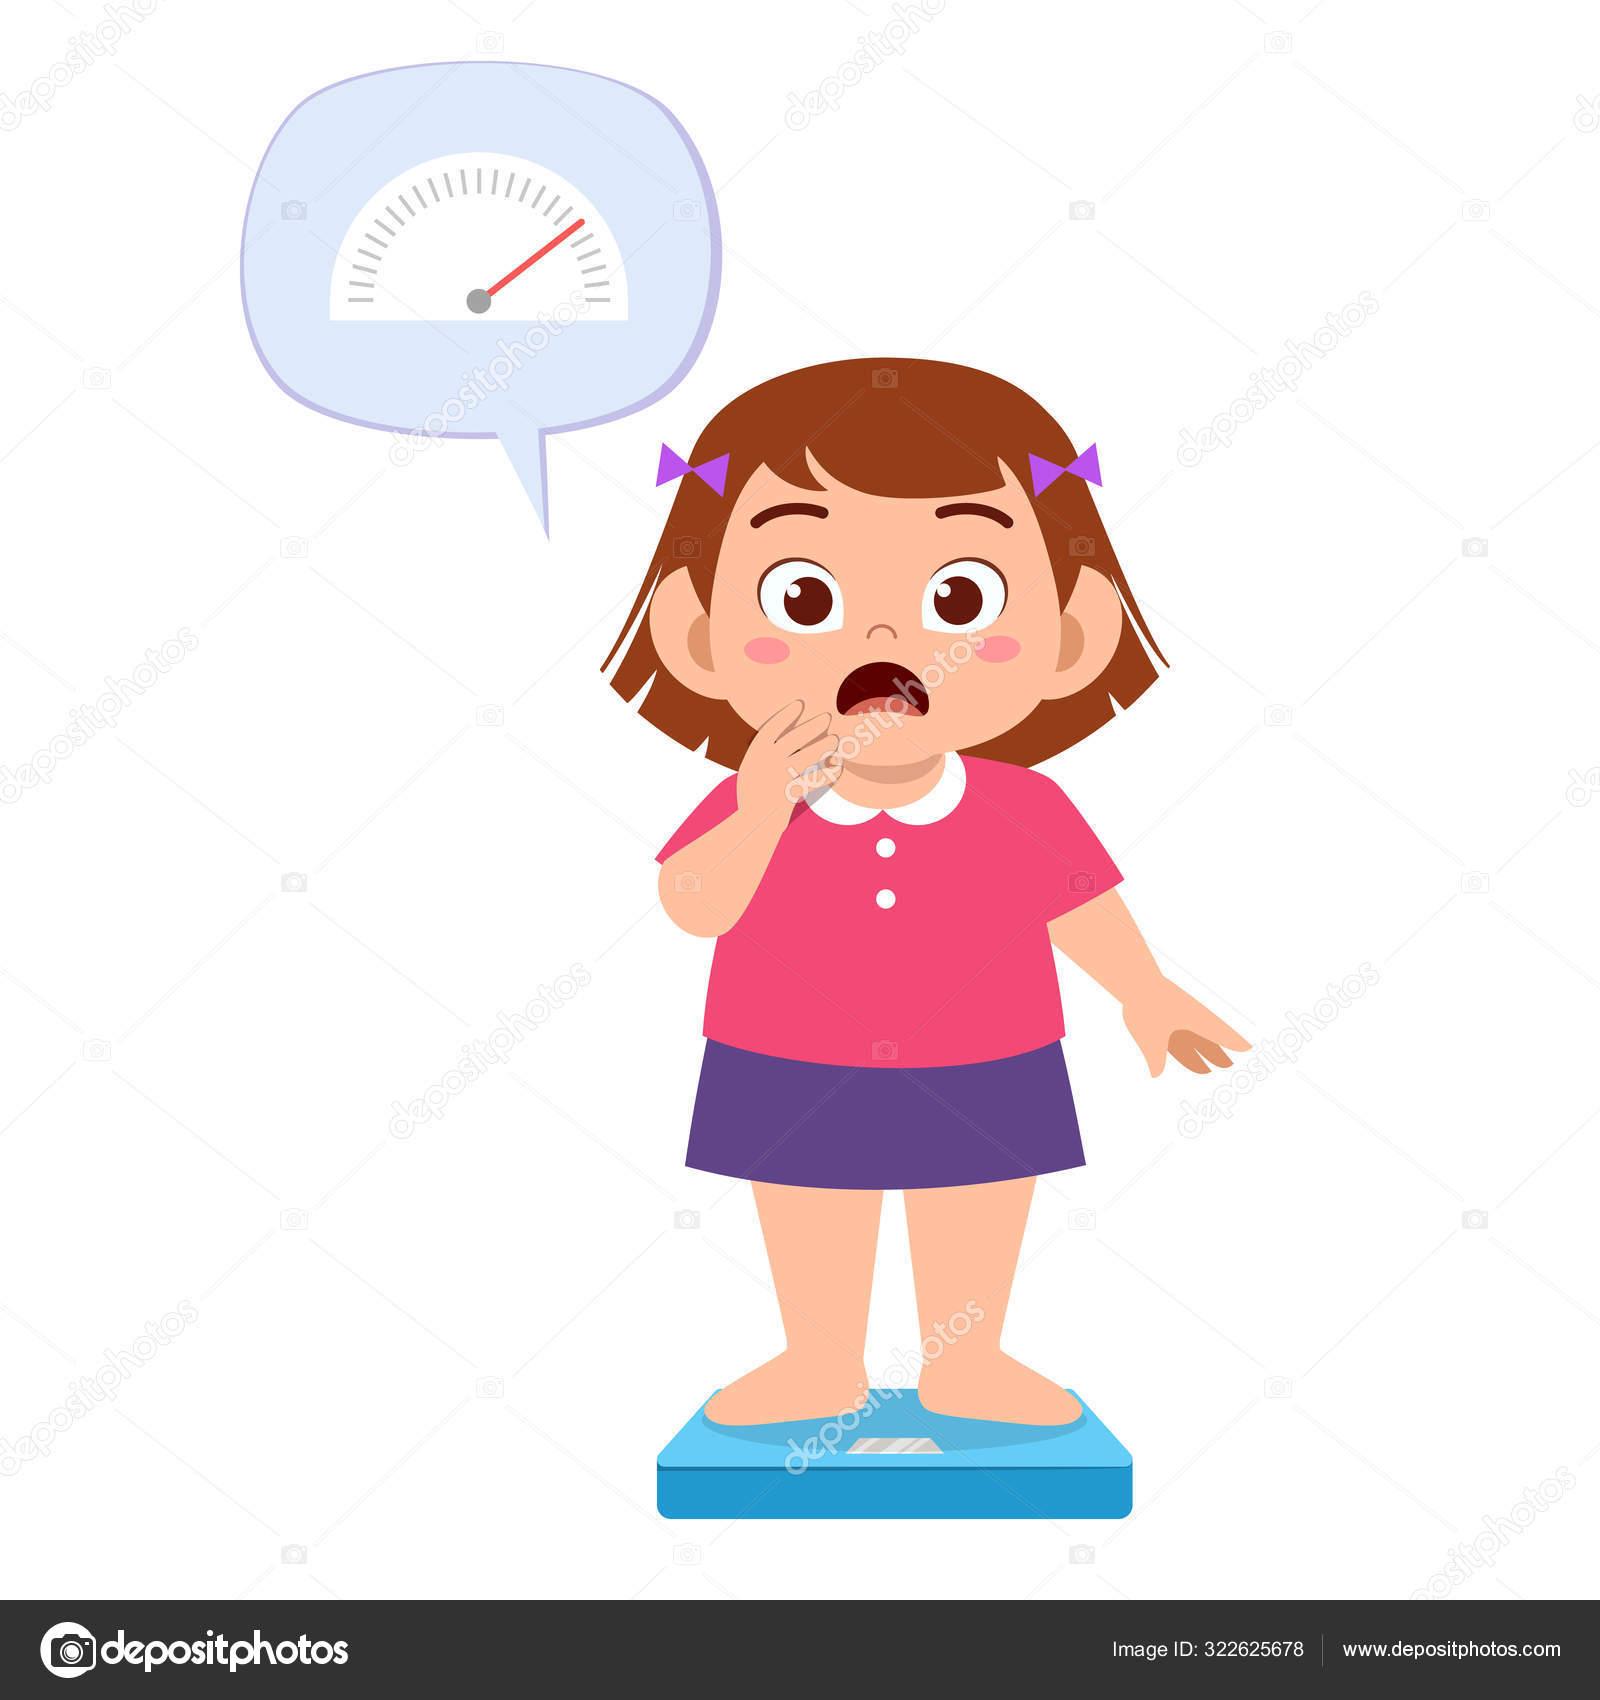 cea mai bună pierdere în greutate spas 2021 pierderea în greutate chiropractică și eficacitatea acesteia